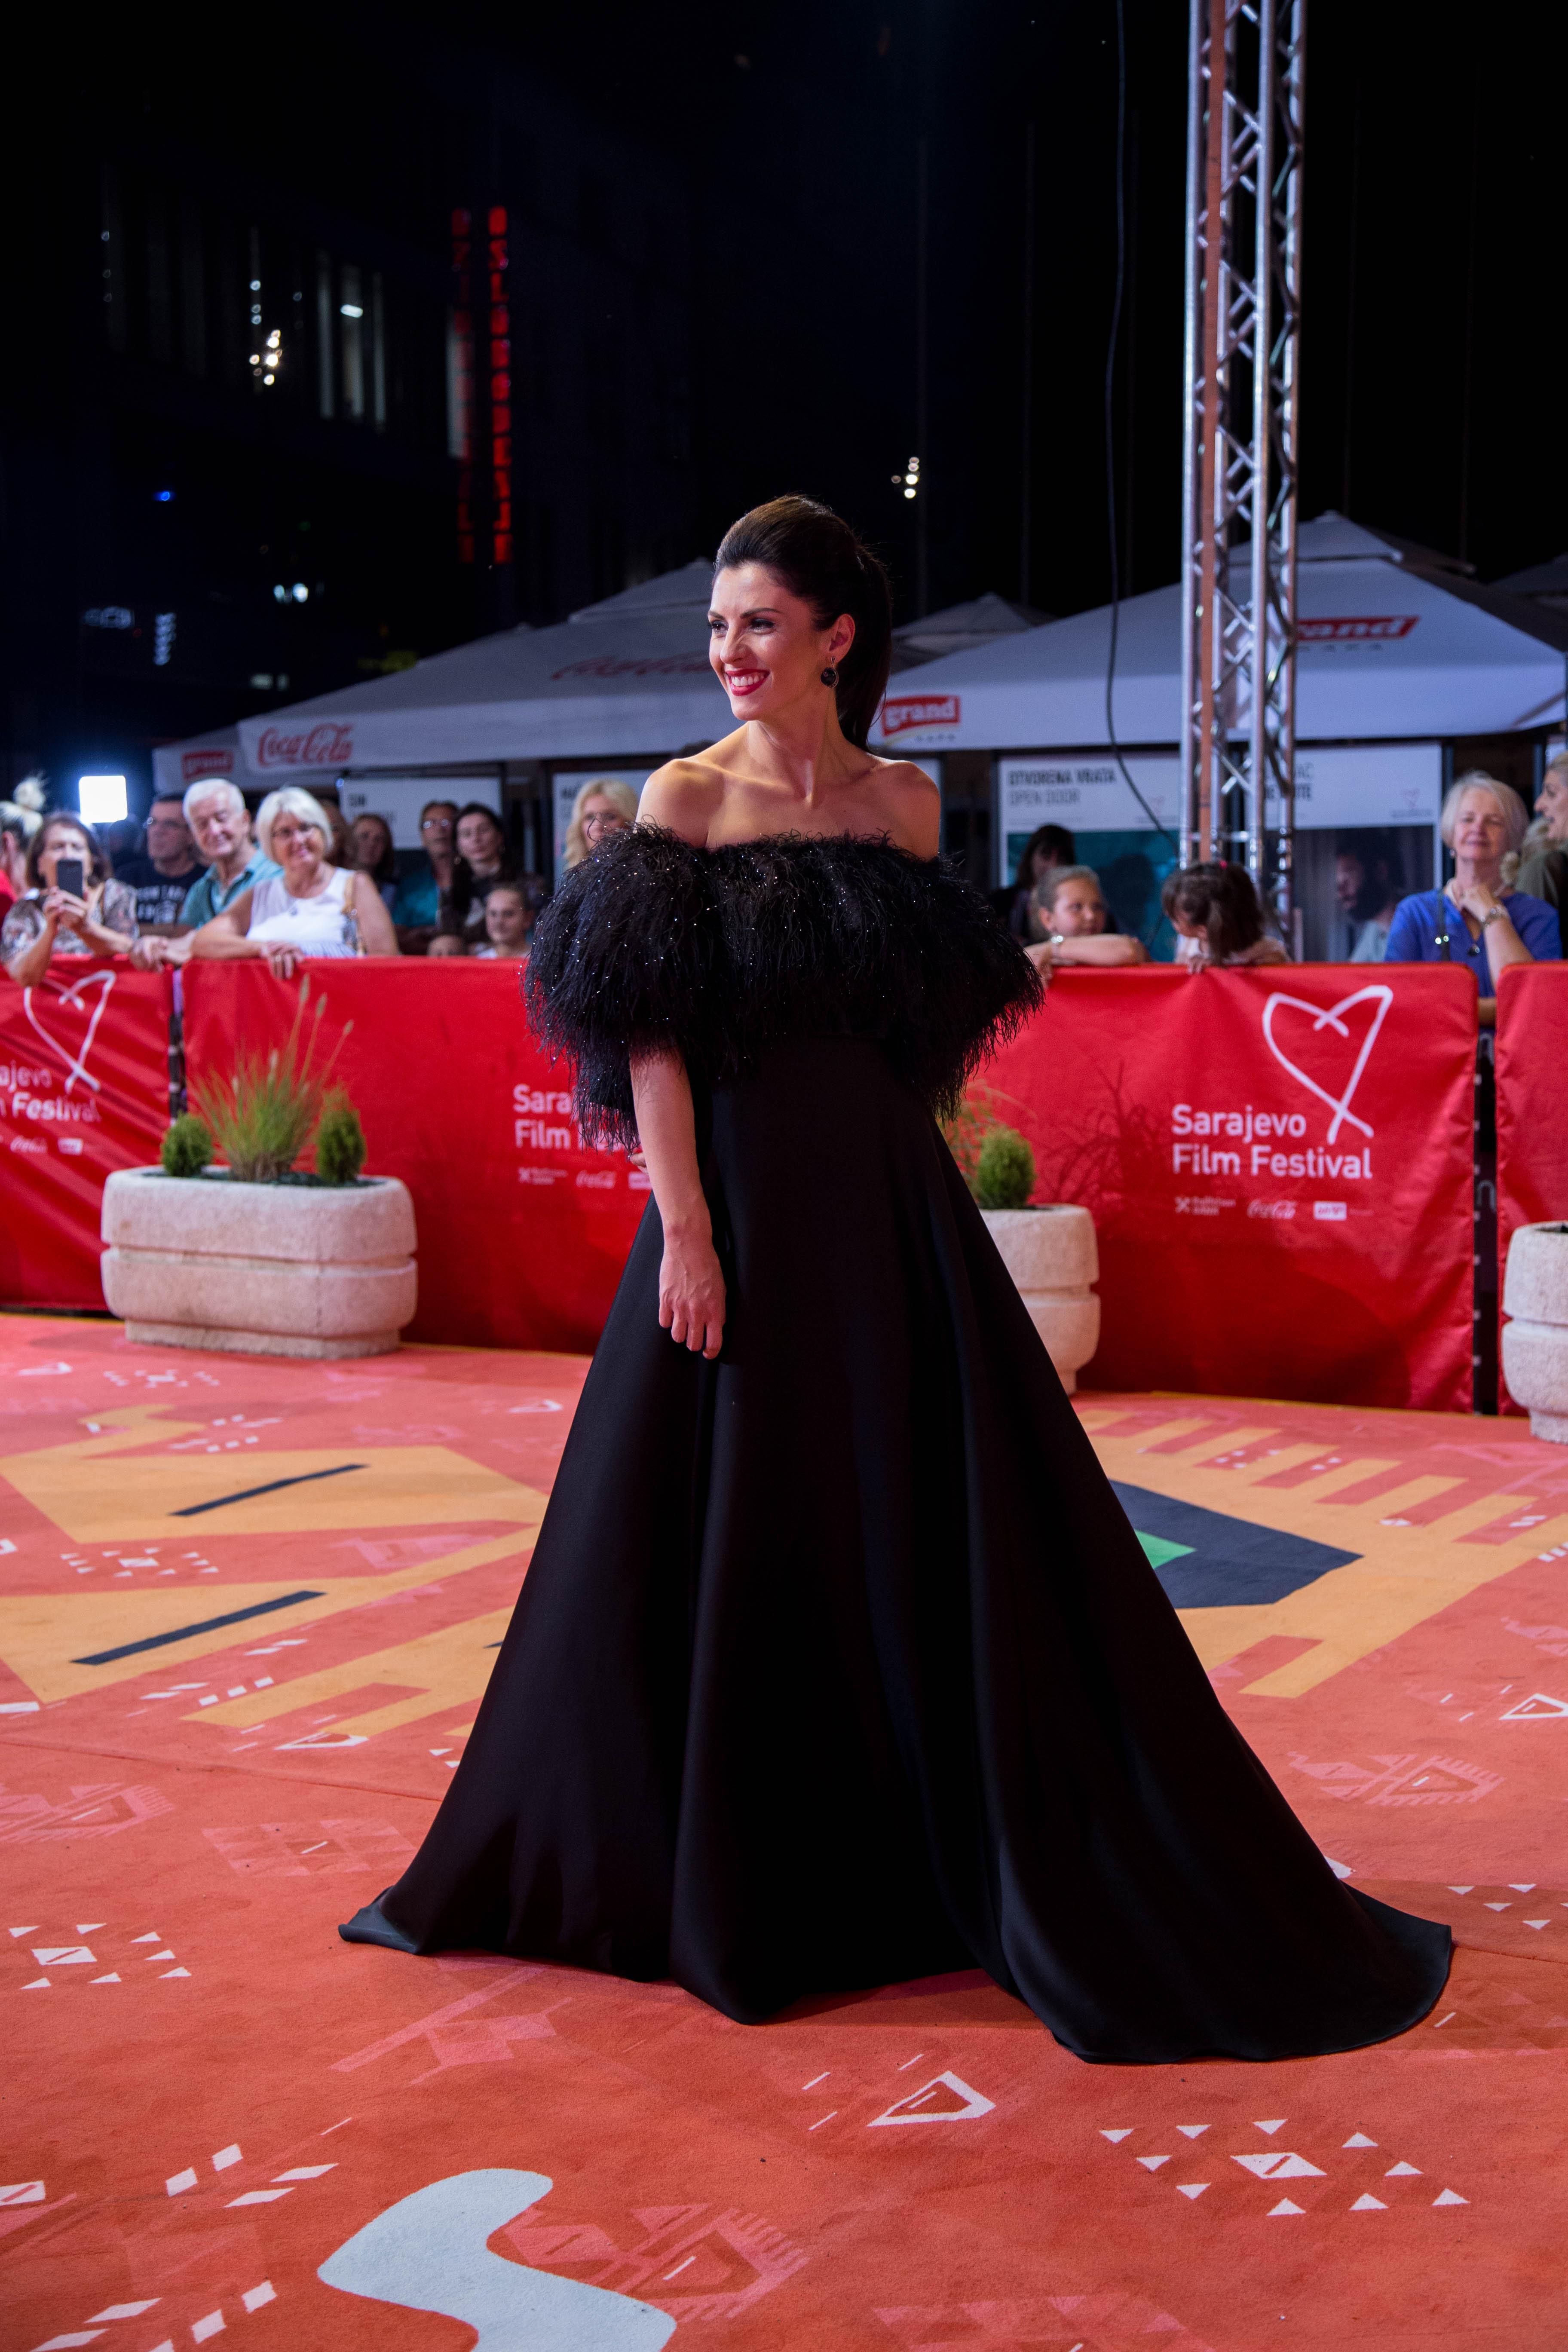 cetvrta noc sarajevo film festival senka catic (42)